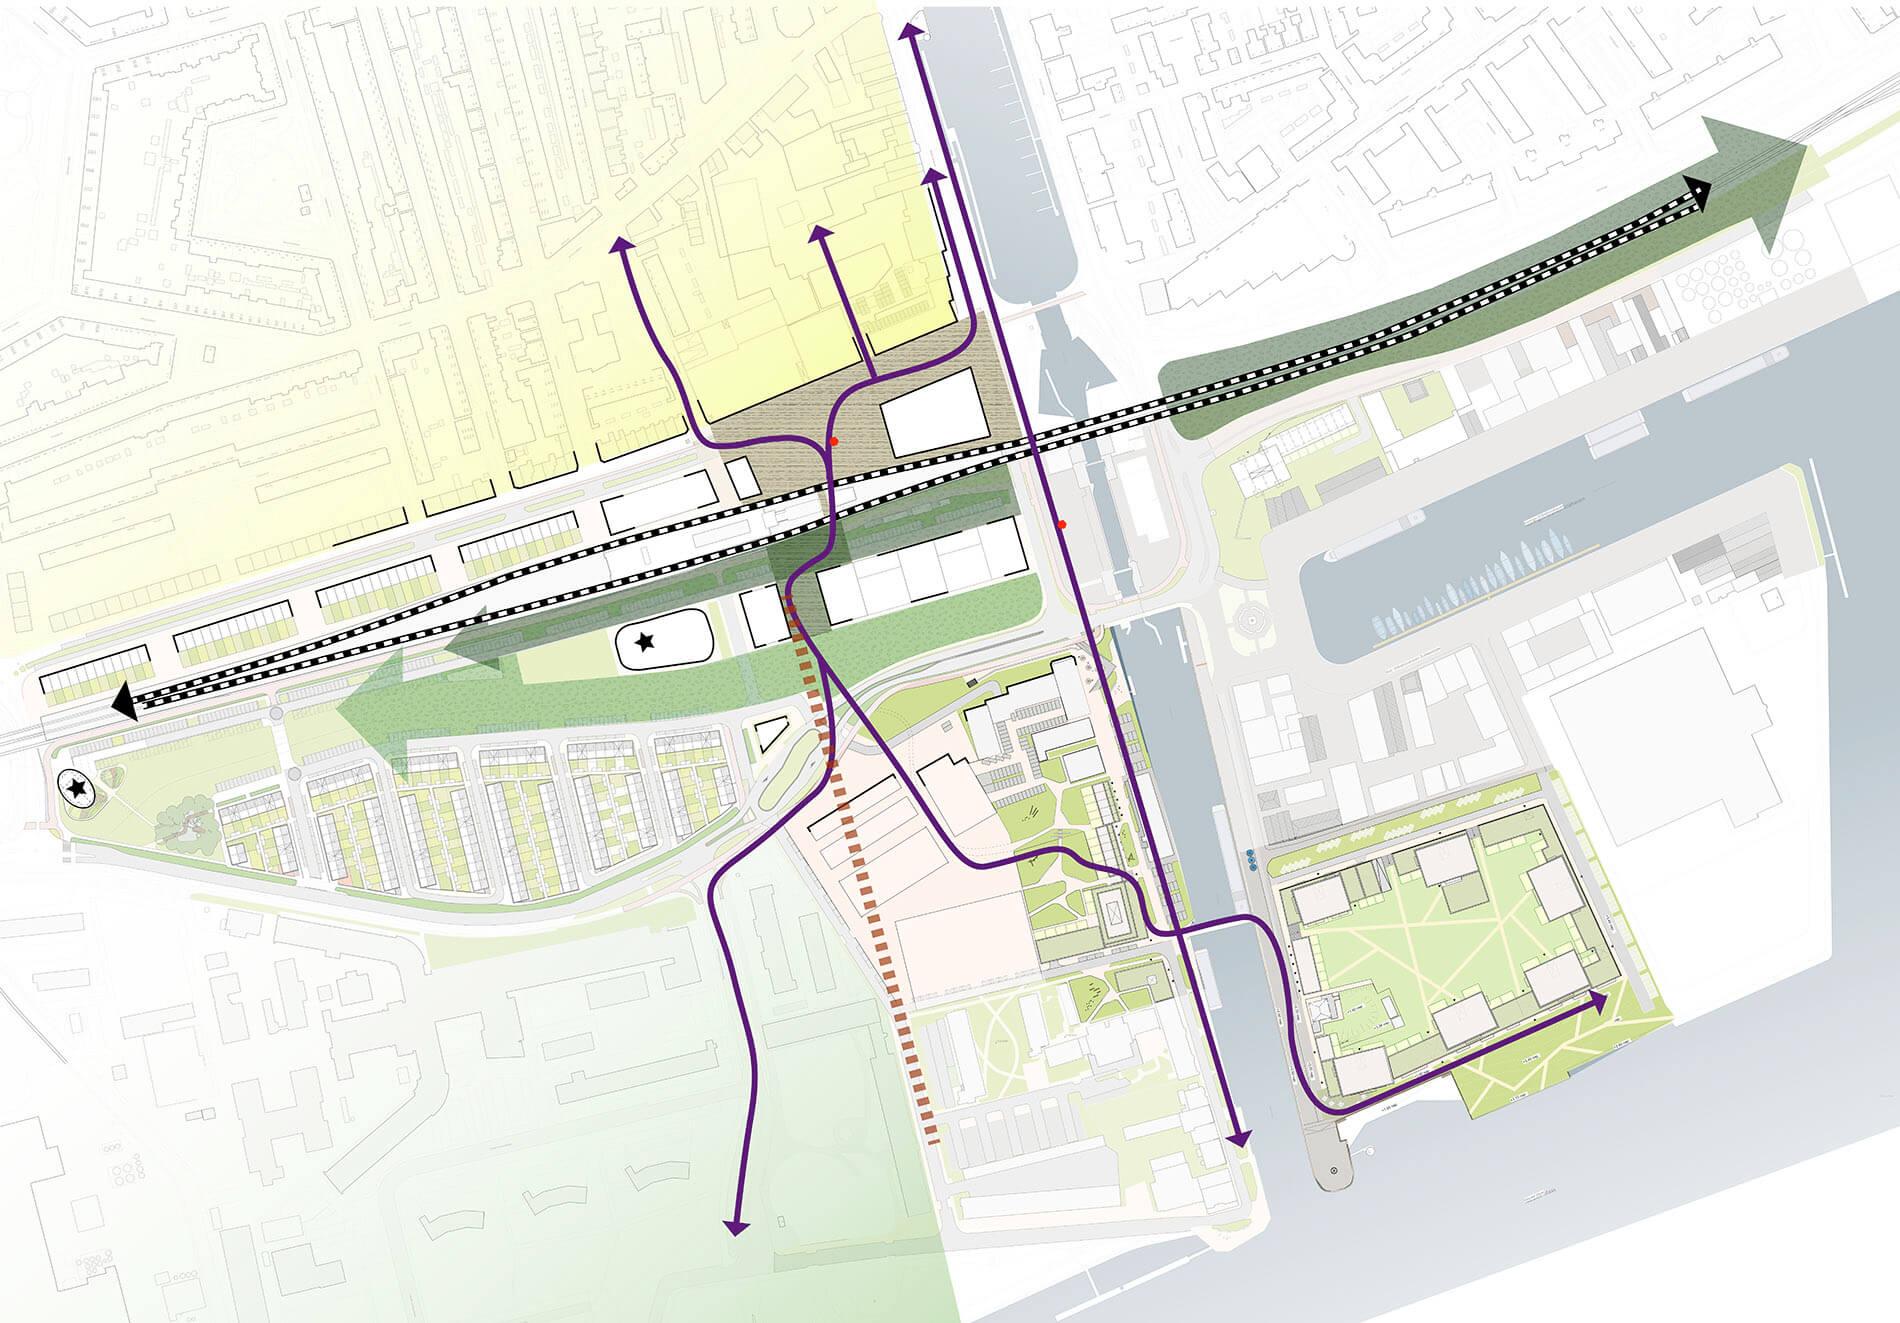 Plankaart van Rivierzone Vlaardingen door Rijnboutt